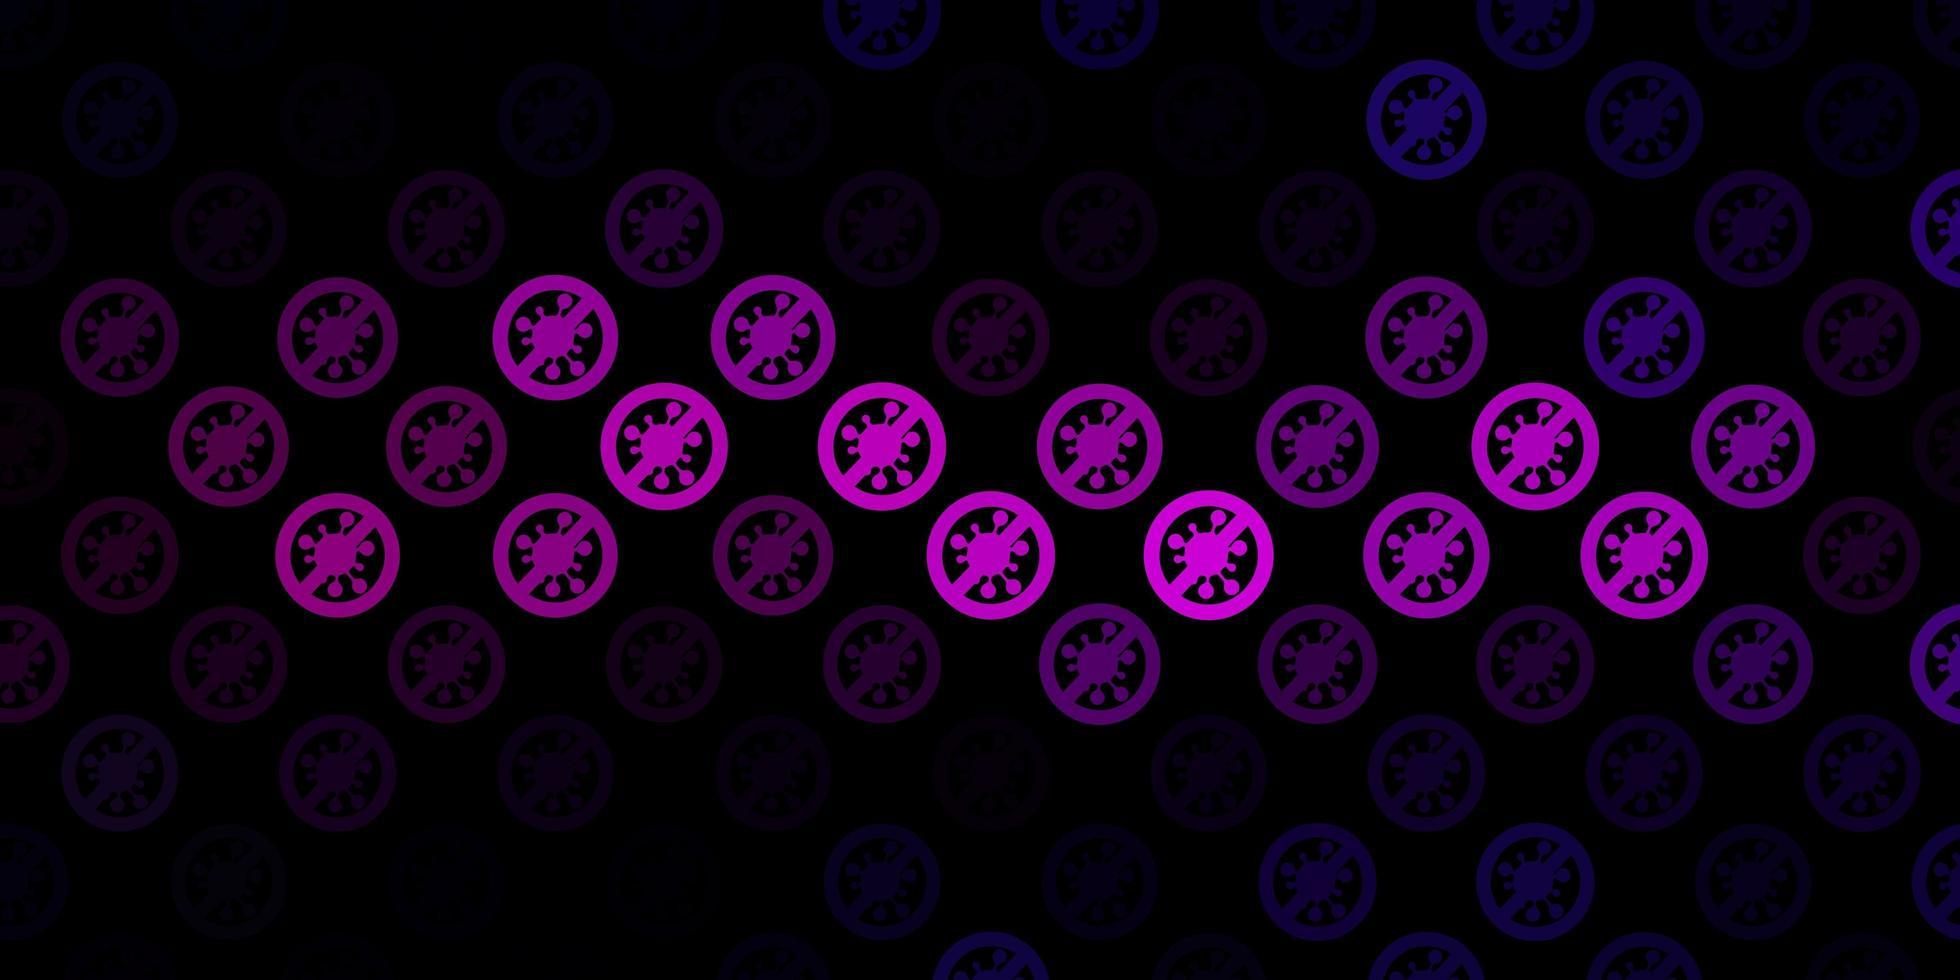 dunkelrosa Hintergrund mit Covid-19-Symbolen. vektor